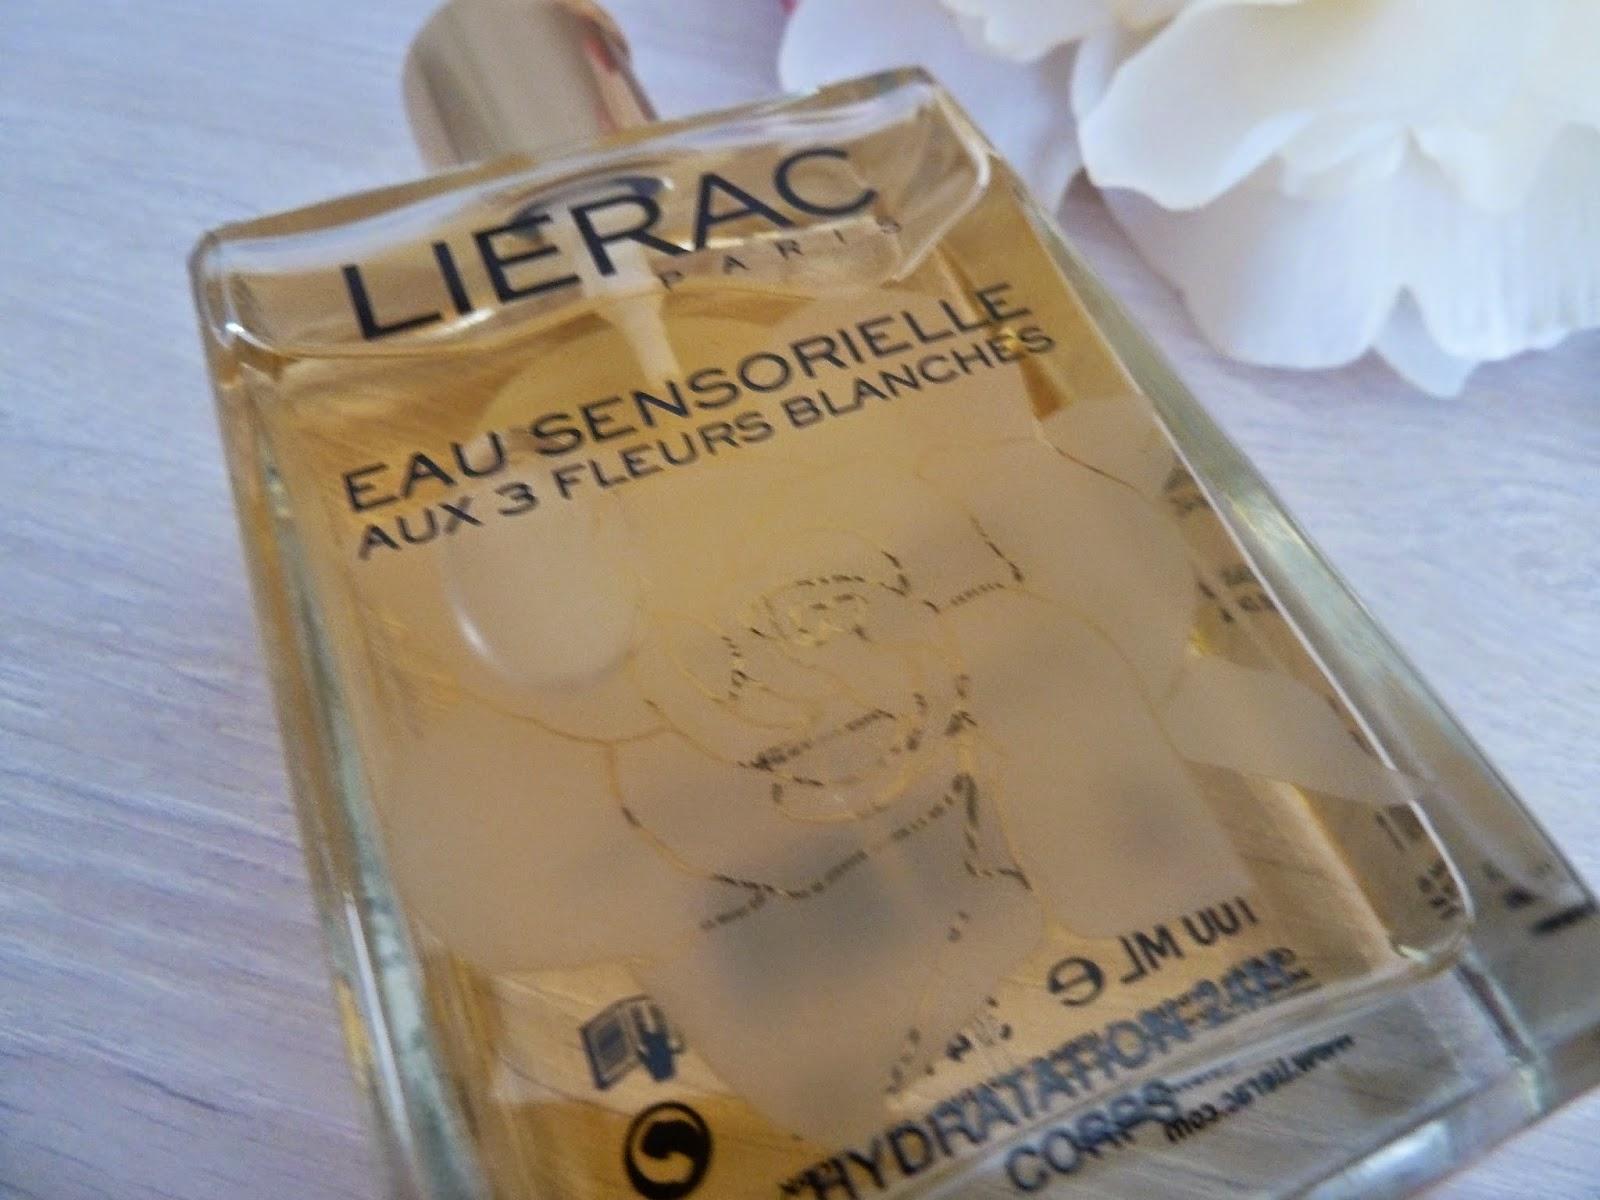 Un sillage sensuel et délicat avec l' Eau Sensorielle aux 3 fleurs blanches - LIERAC